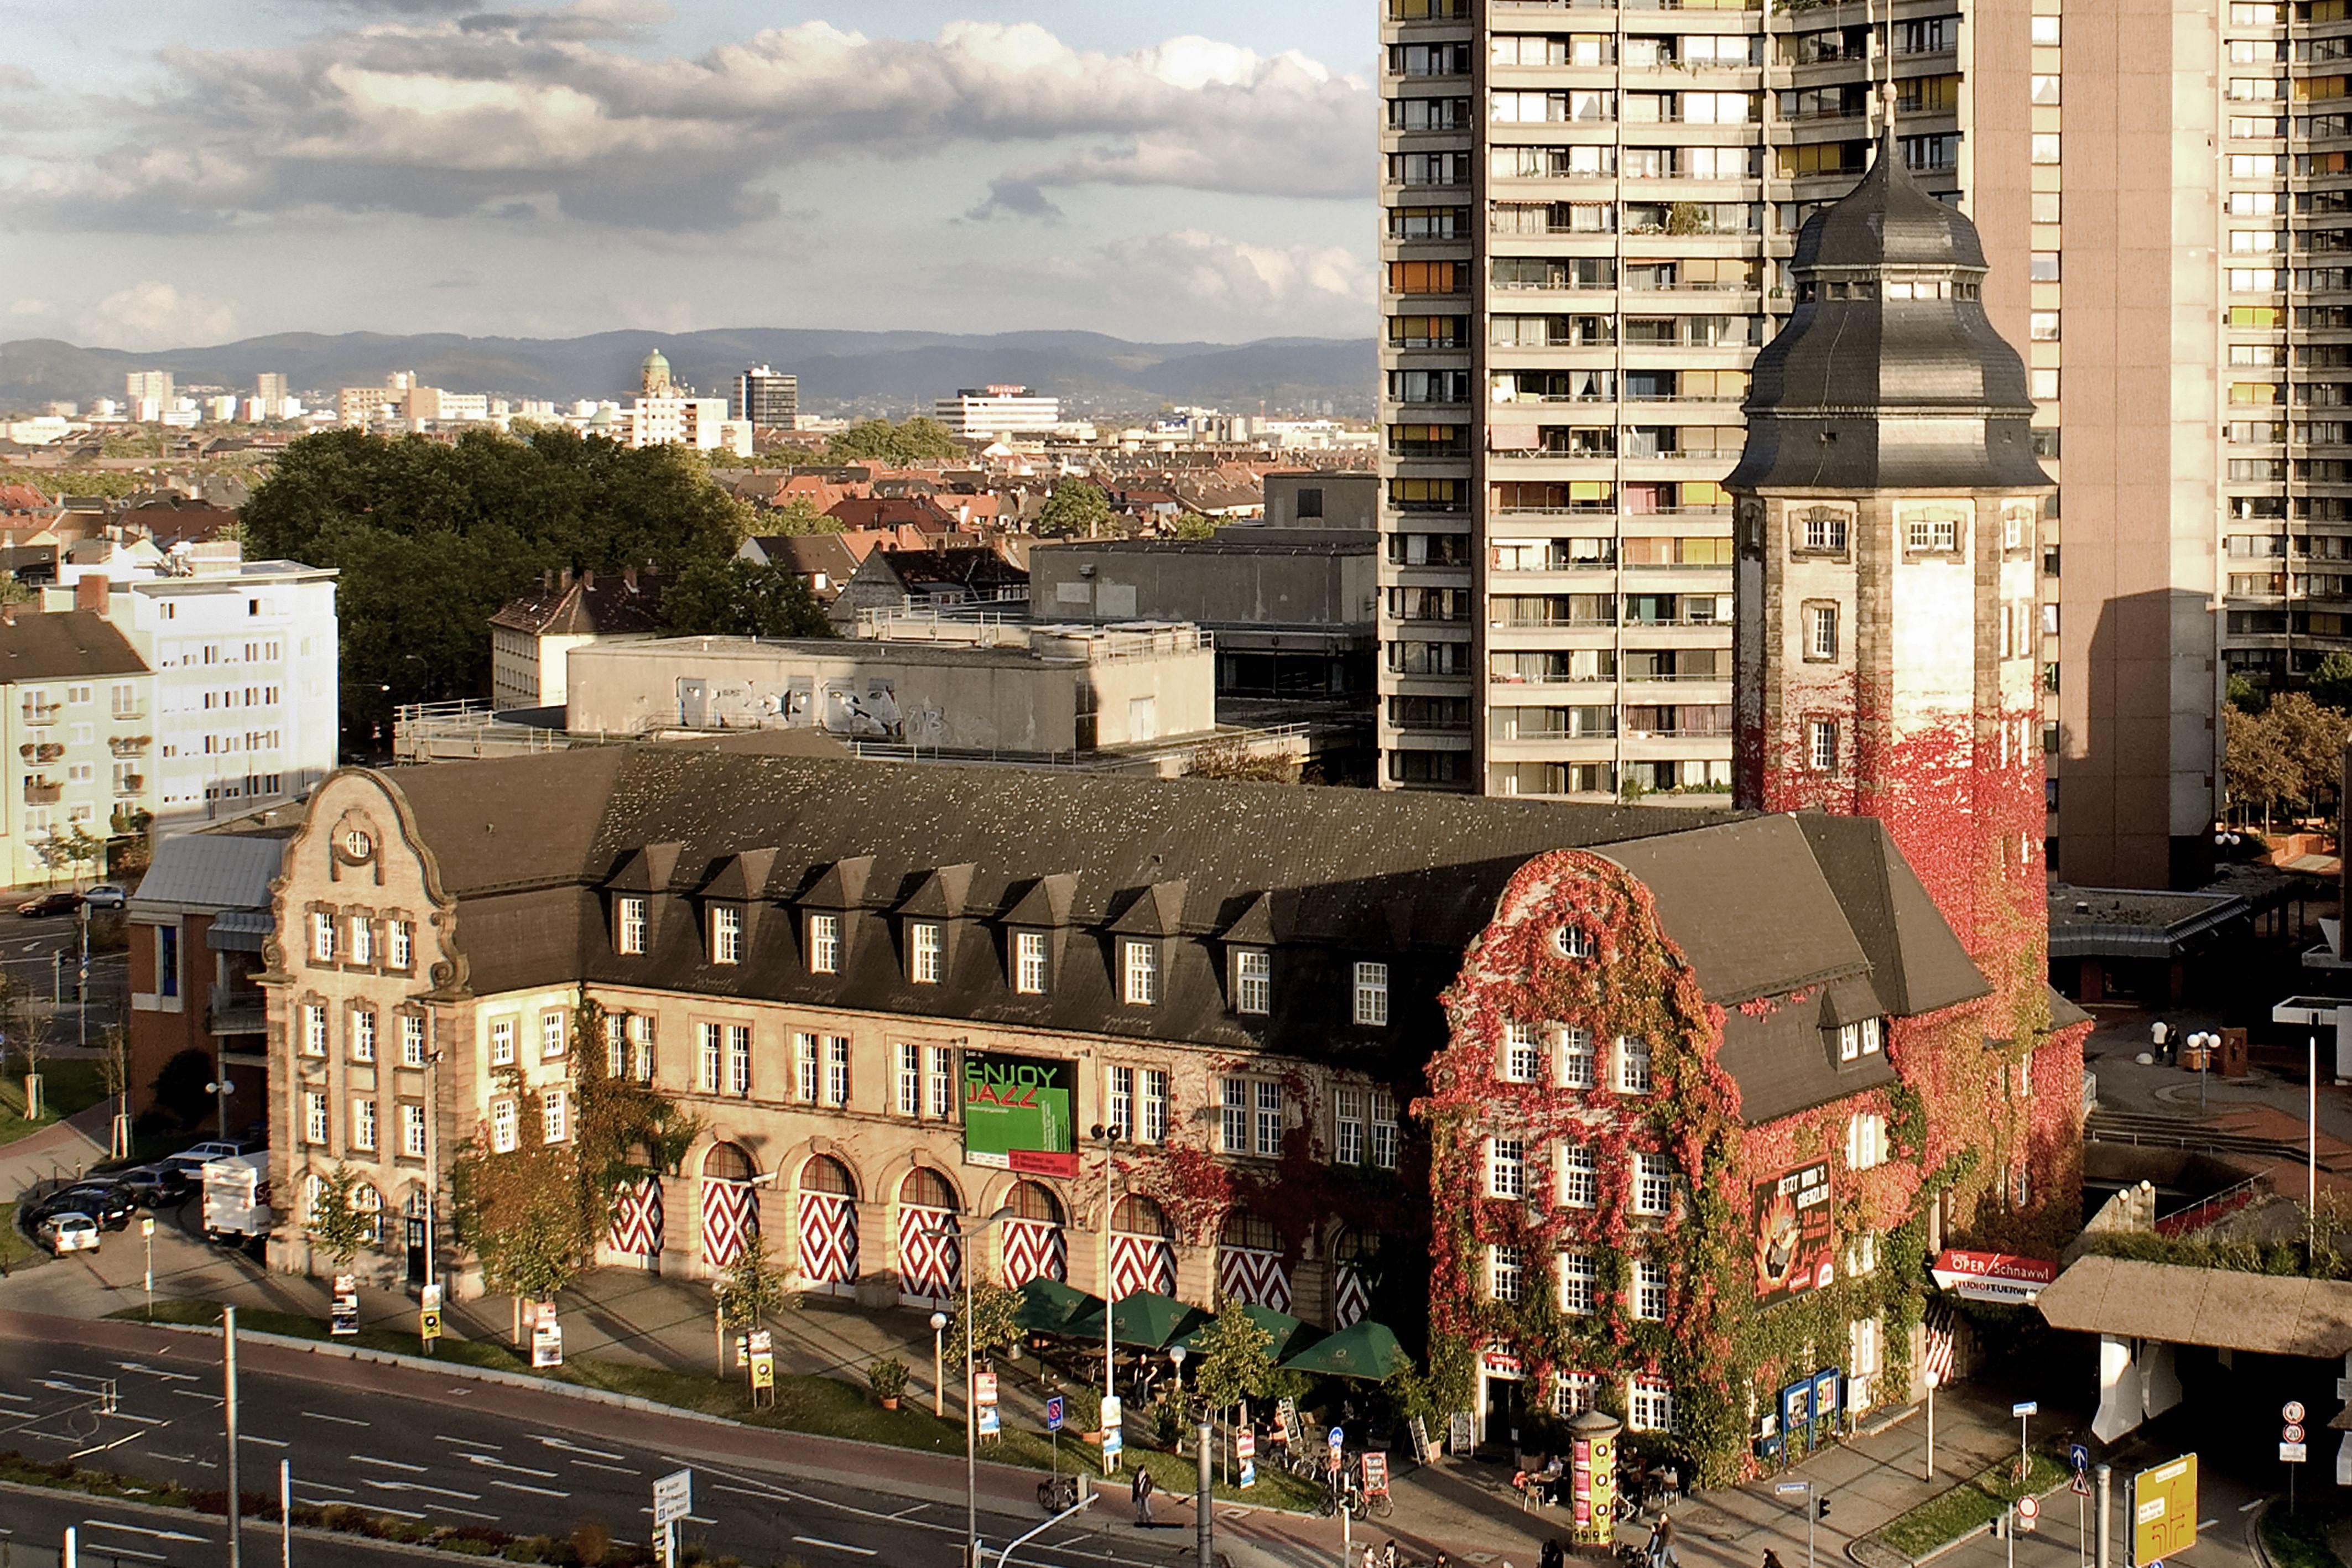 alte feuerwache mannheim kulturzentrum alte feuerwache